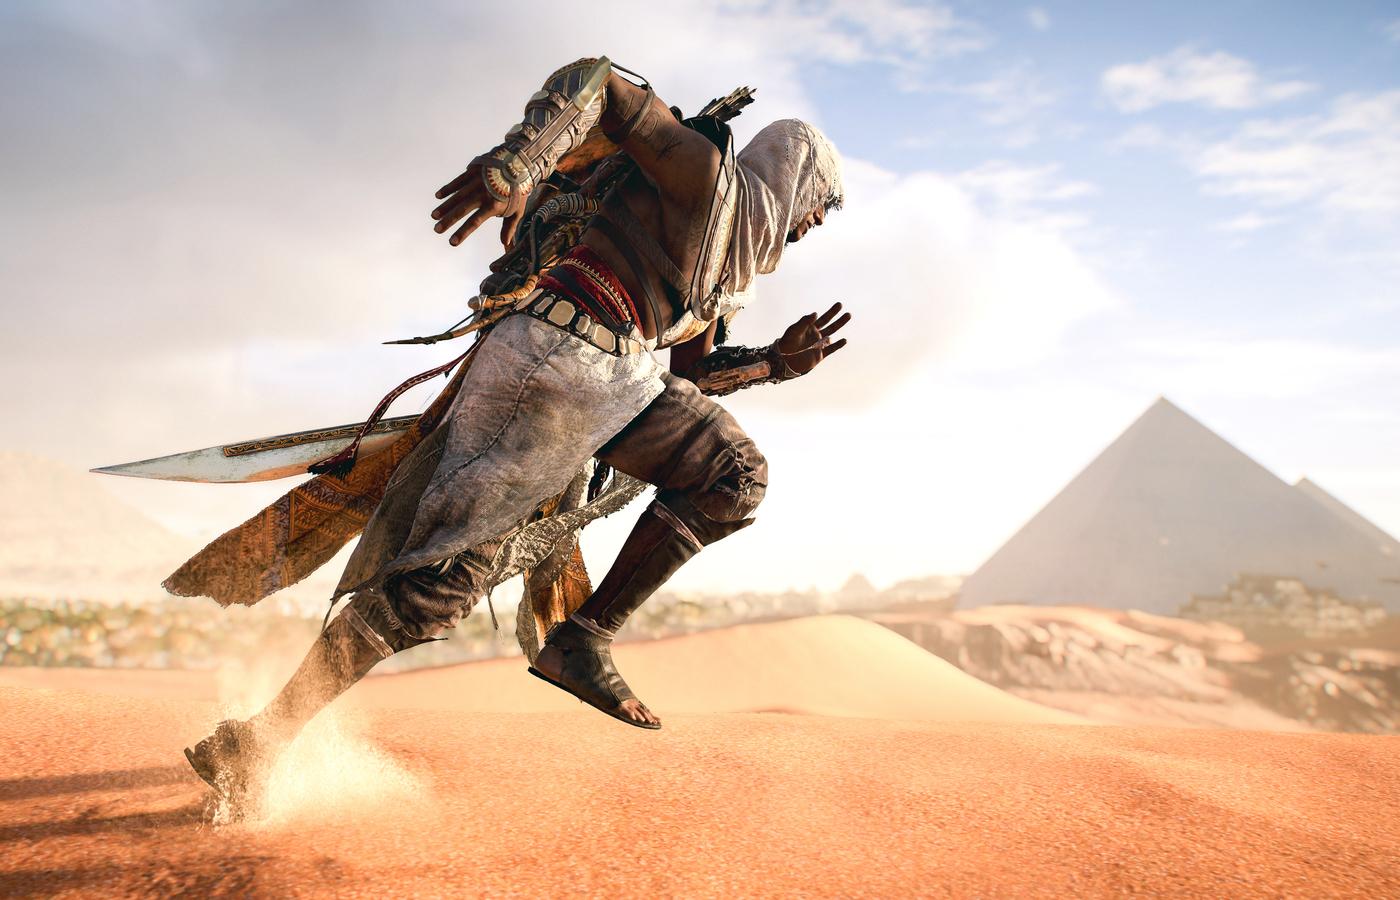 1400x900 Assassins Creed Origins 4k 2018 1400x900 Resolution Hd 4k